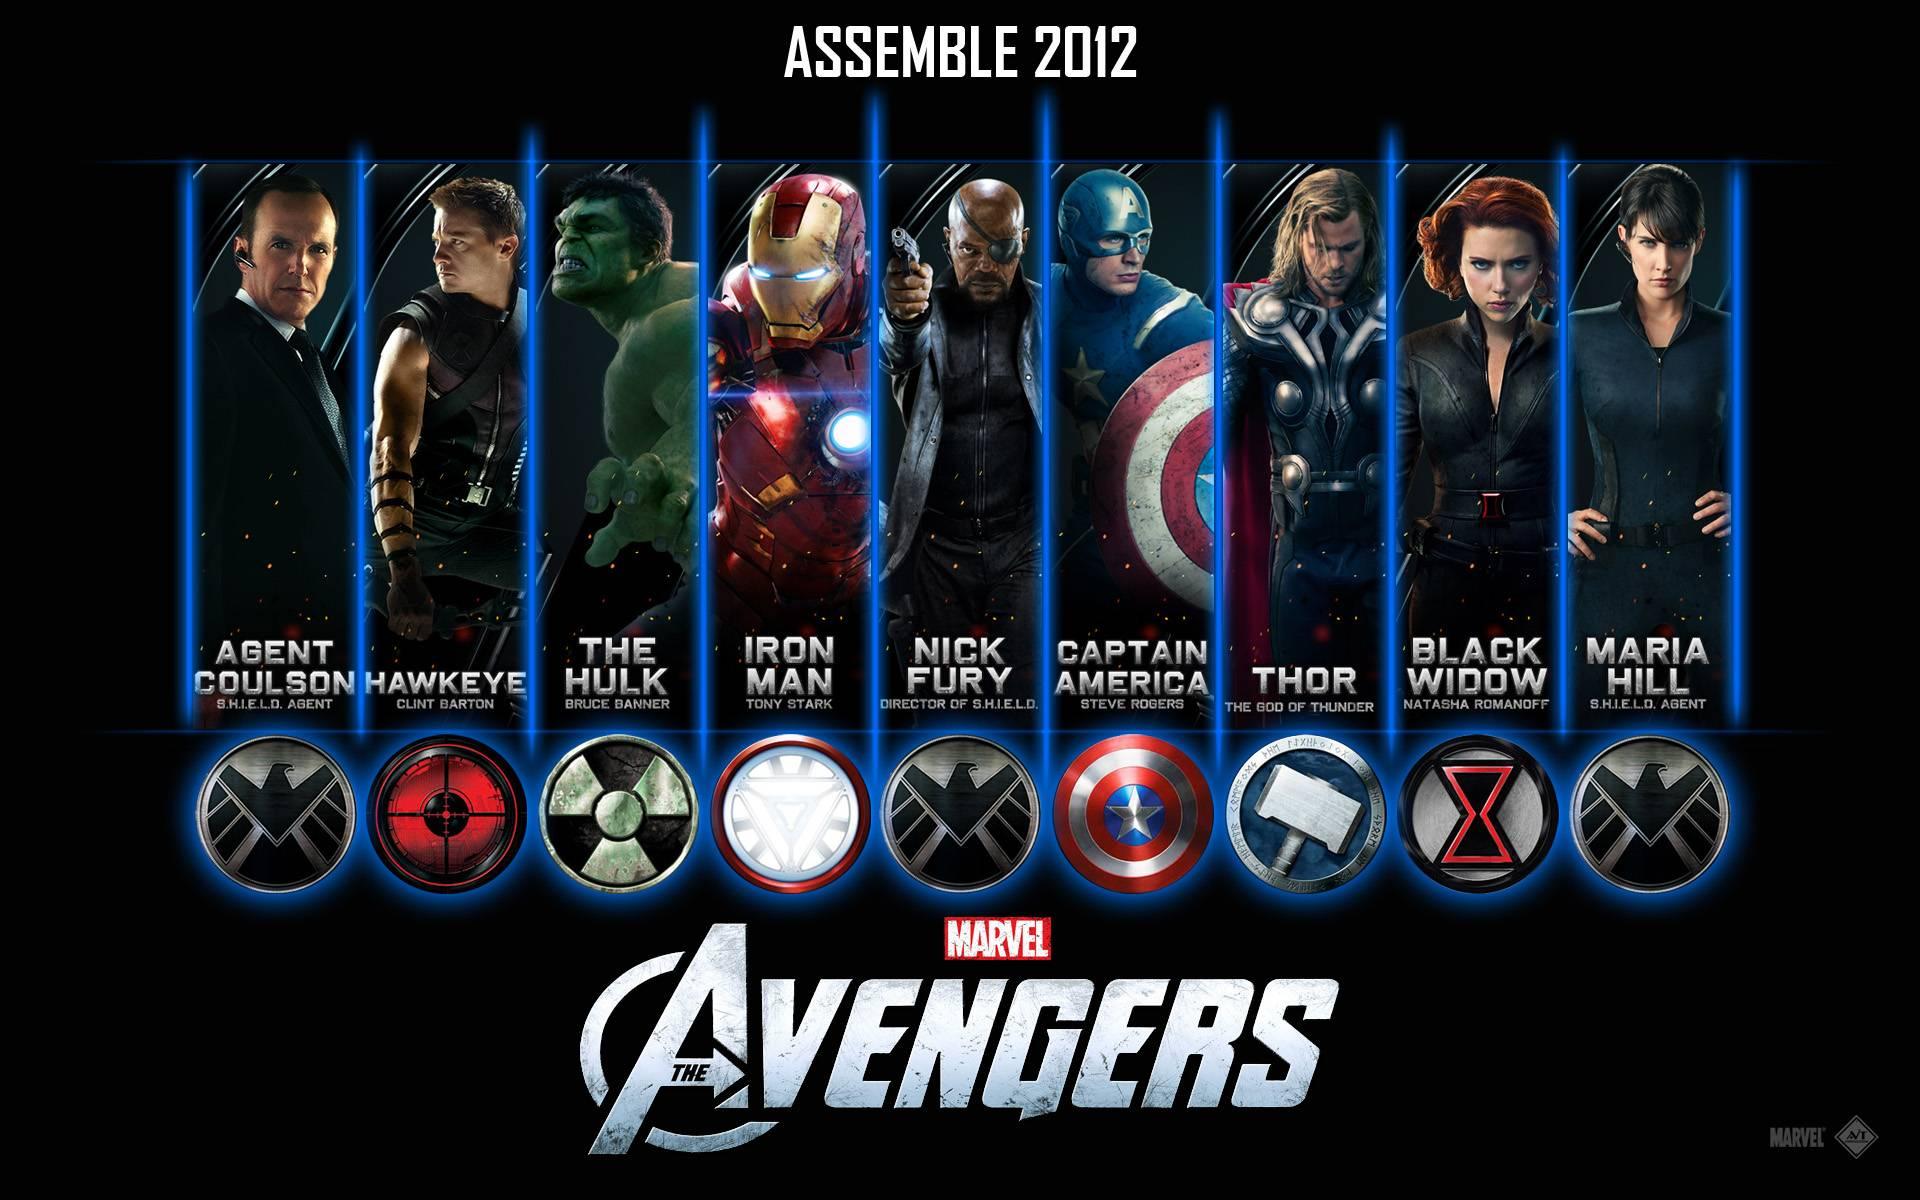 Avengers Movie 2012 Wallpaper